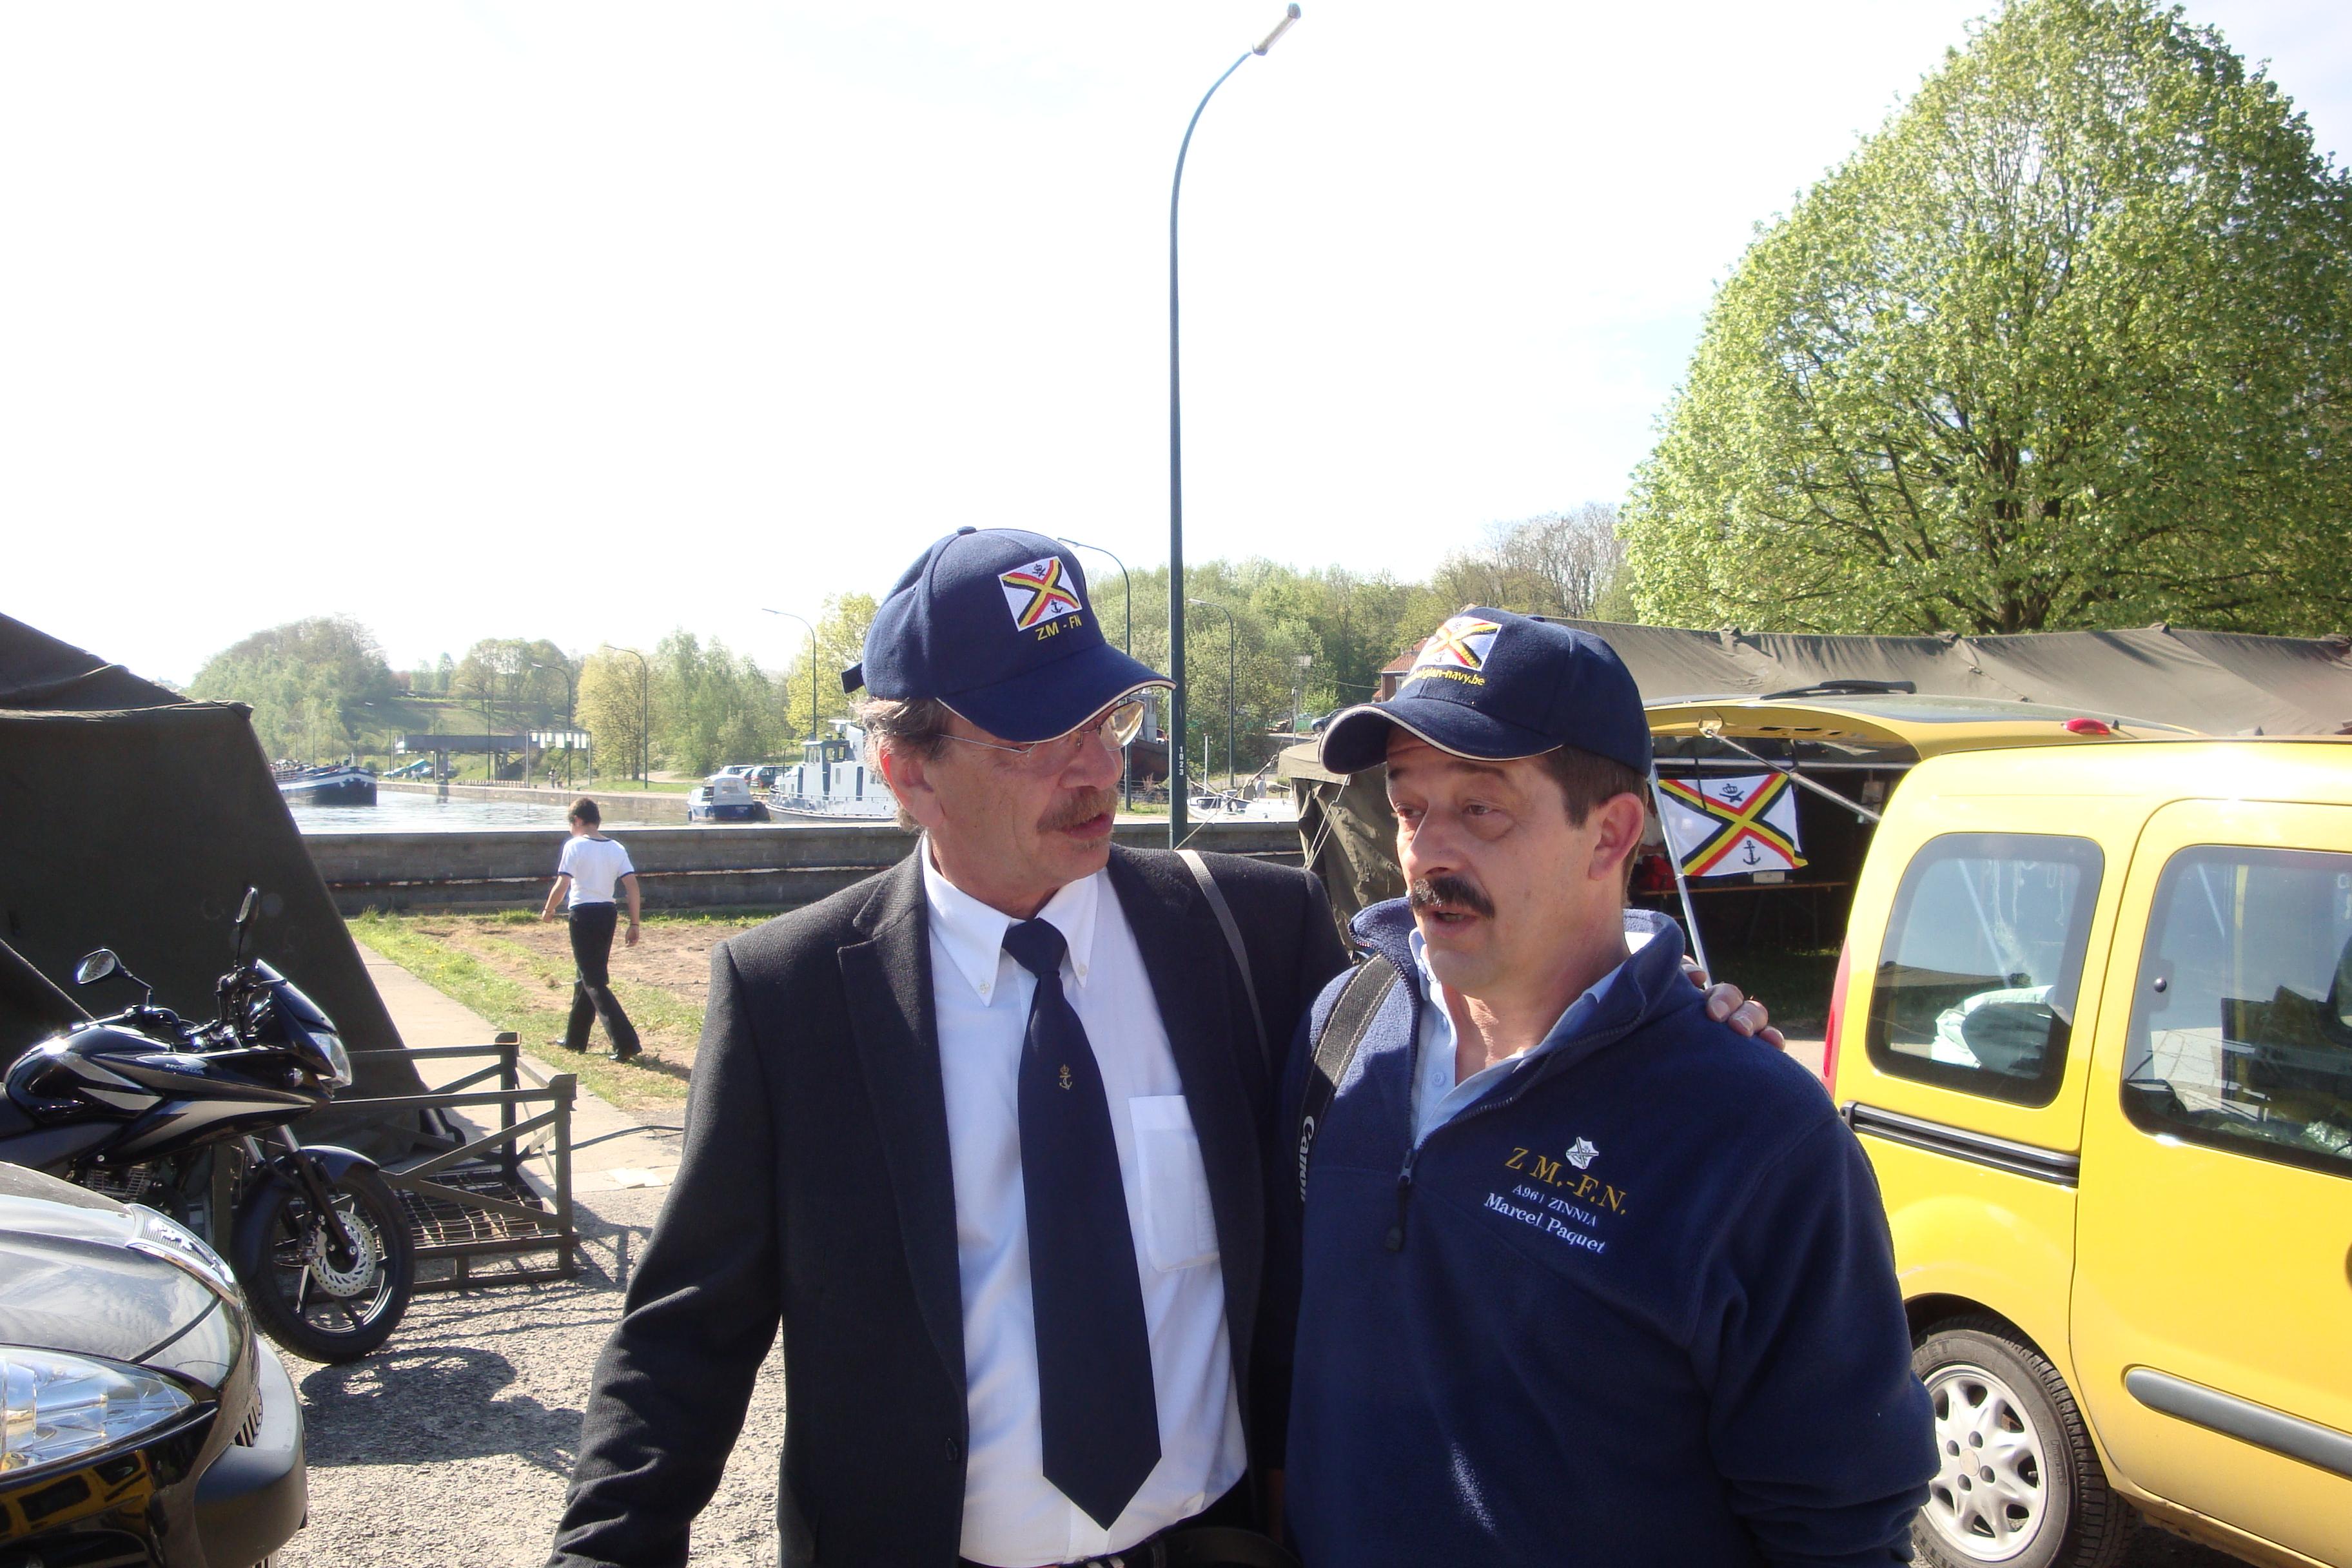 photos de la réunion des anciens à Ittre le 1er mai 2010 - Page 4 100502120500990285945069